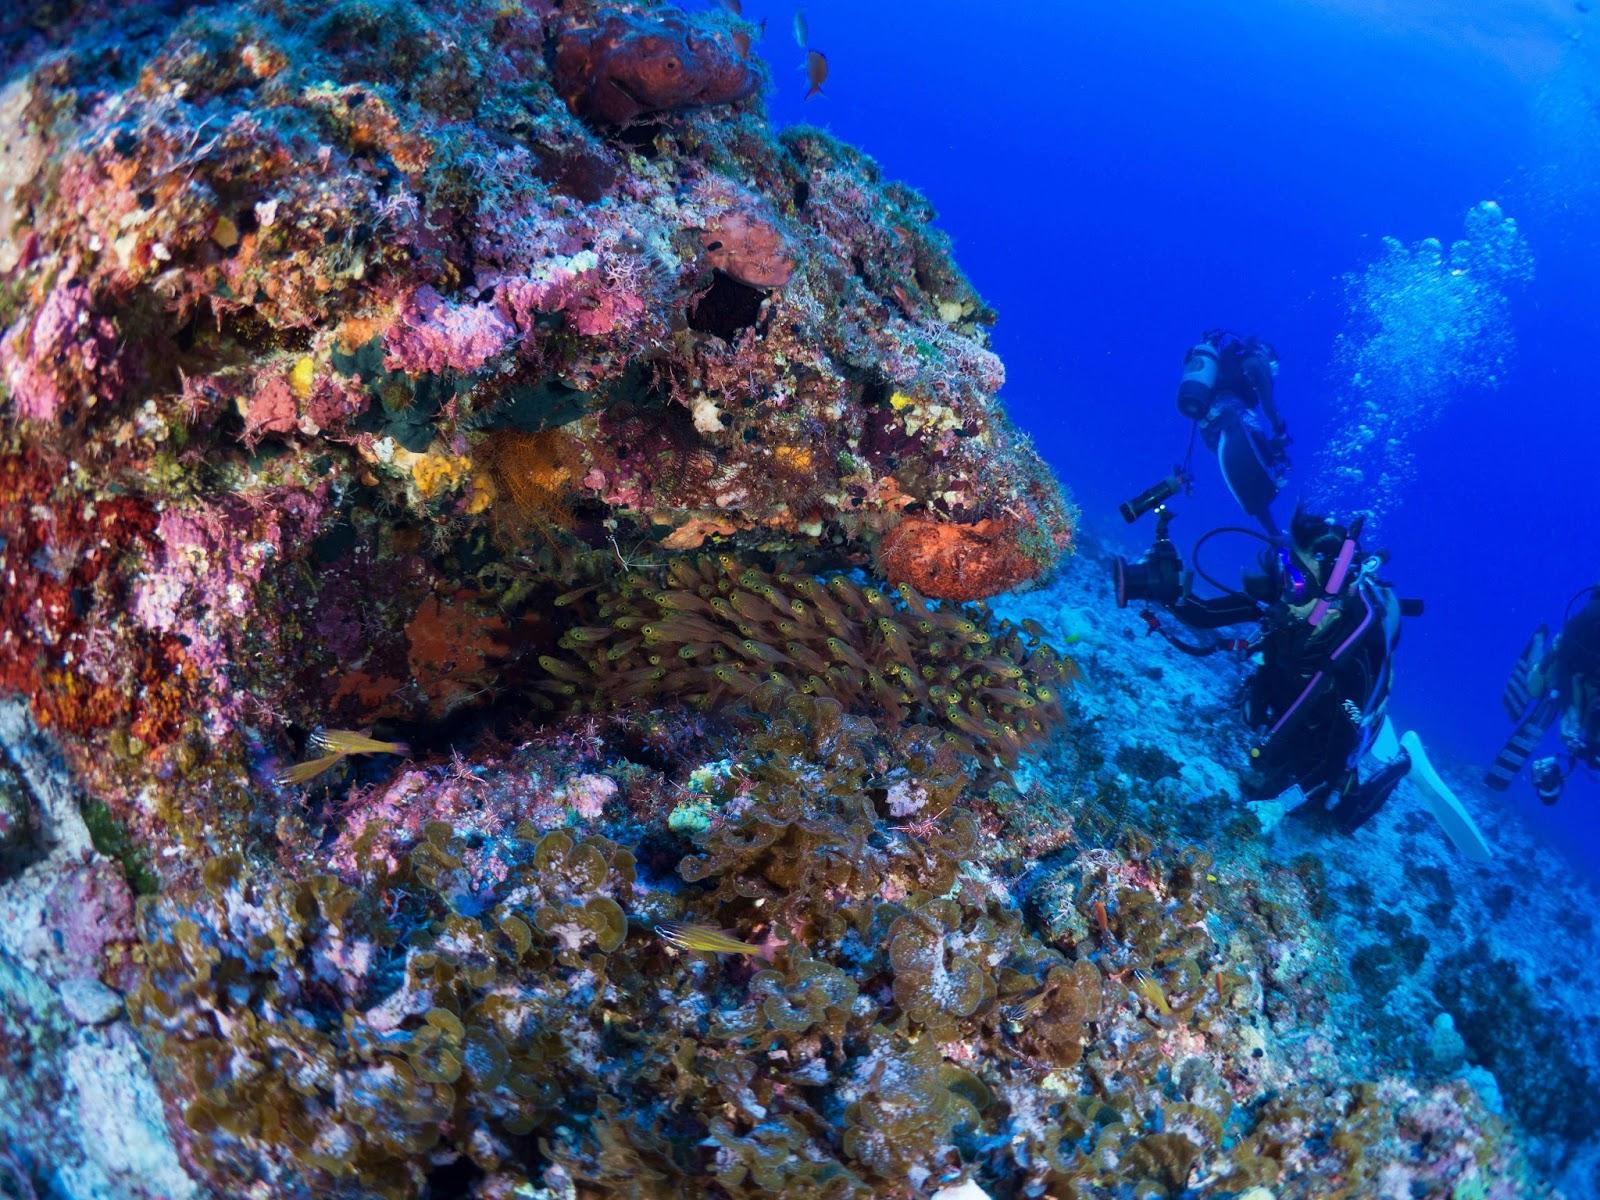 沖繩-潛水-浮潛-慶良間群島-座間味島-阿嘉島-渡嘉敷島-推薦-Okinawa-scuba-diving-snorkeling